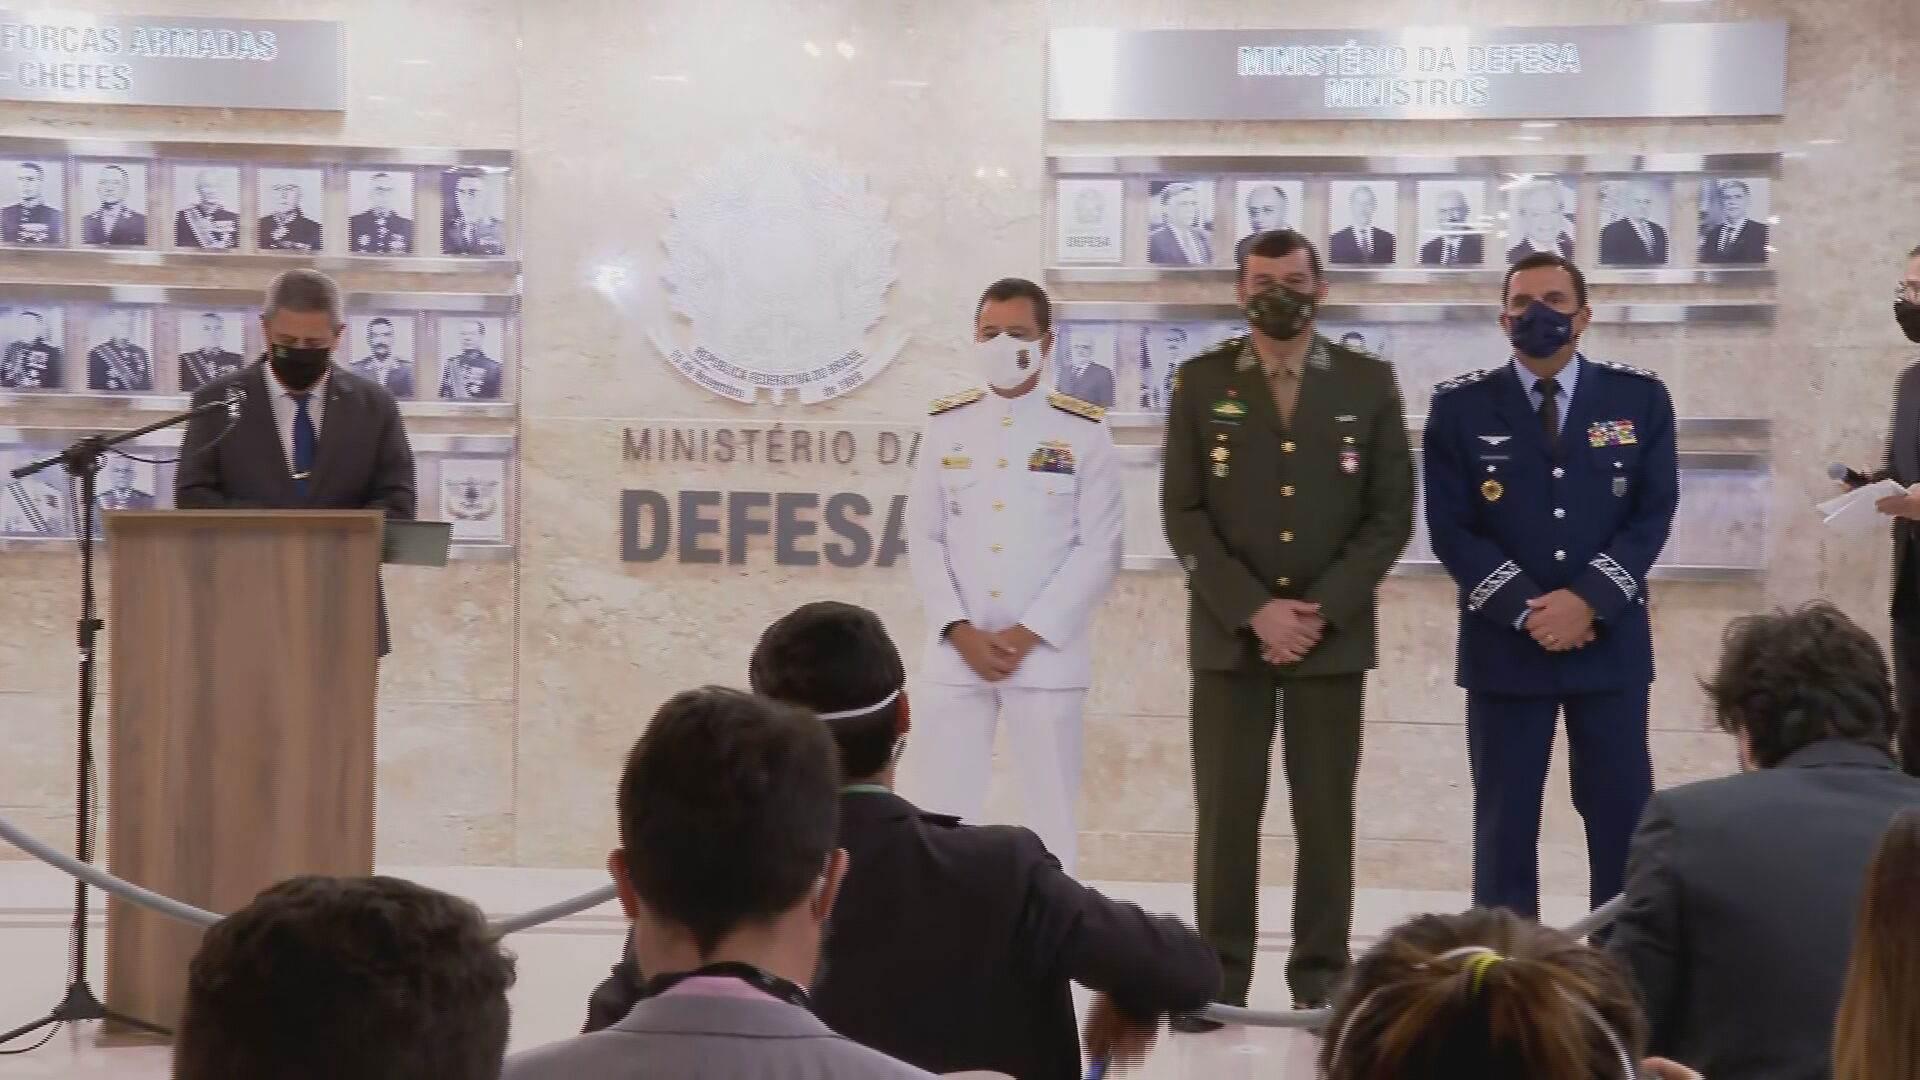 Ministro da Defesa, Braga Netto, apresenta os três novos comandantes das Forças